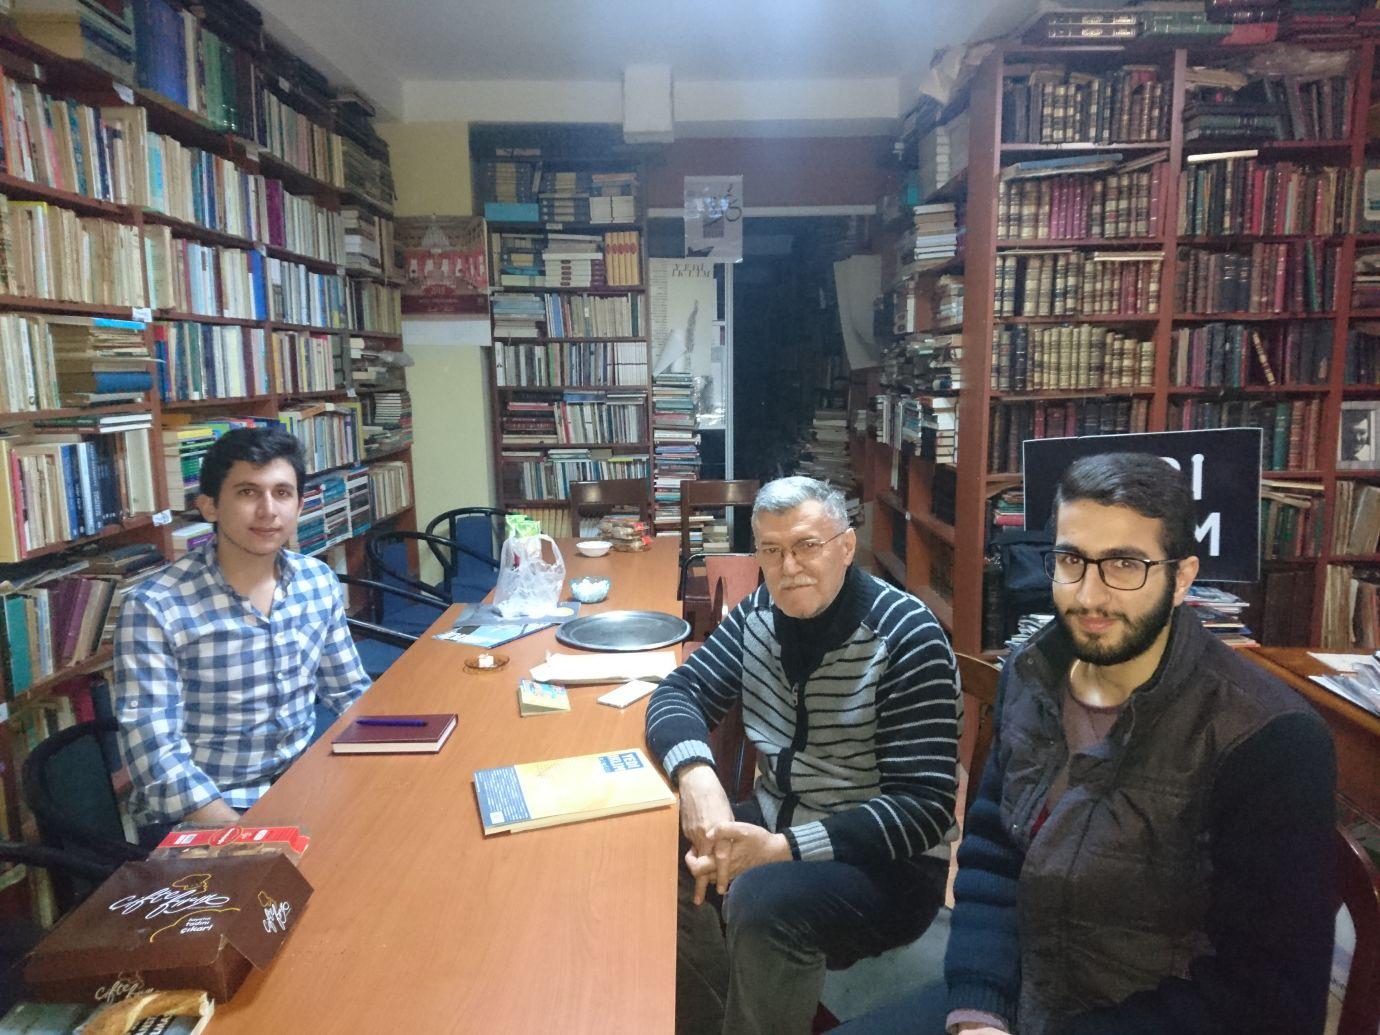 Gençler Soruyorun Konuğu Edebiyatçı-Yazar Ali Haydar Haksal - Haberler - İKEV - İlim Kültür ve Eğitim Vakfı